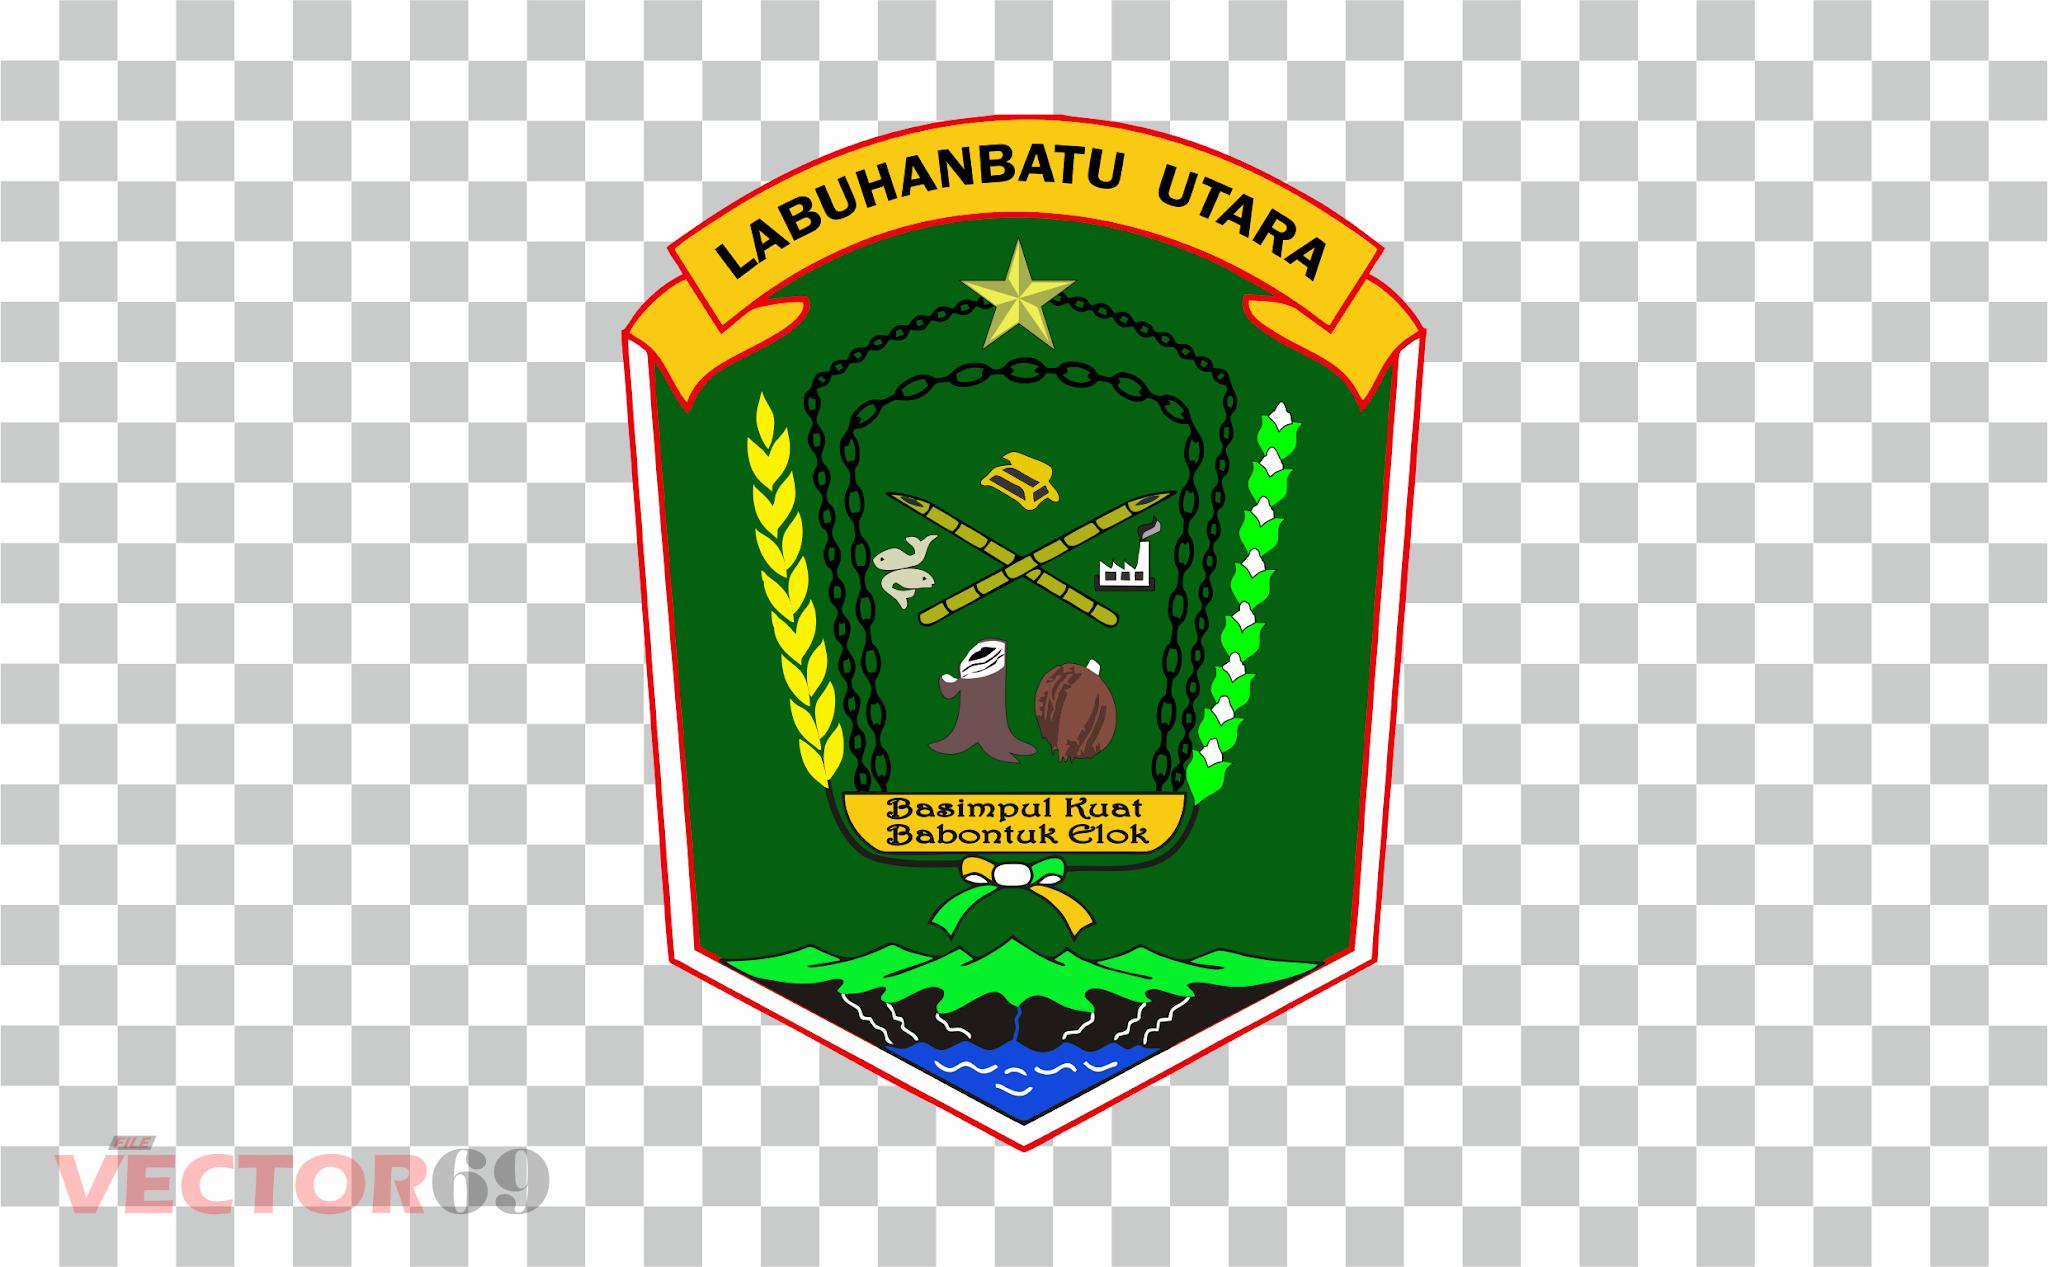 Kabupaten Labuhanbatu Utara Logo - Download Vector File PNG (Portable Network Graphics)